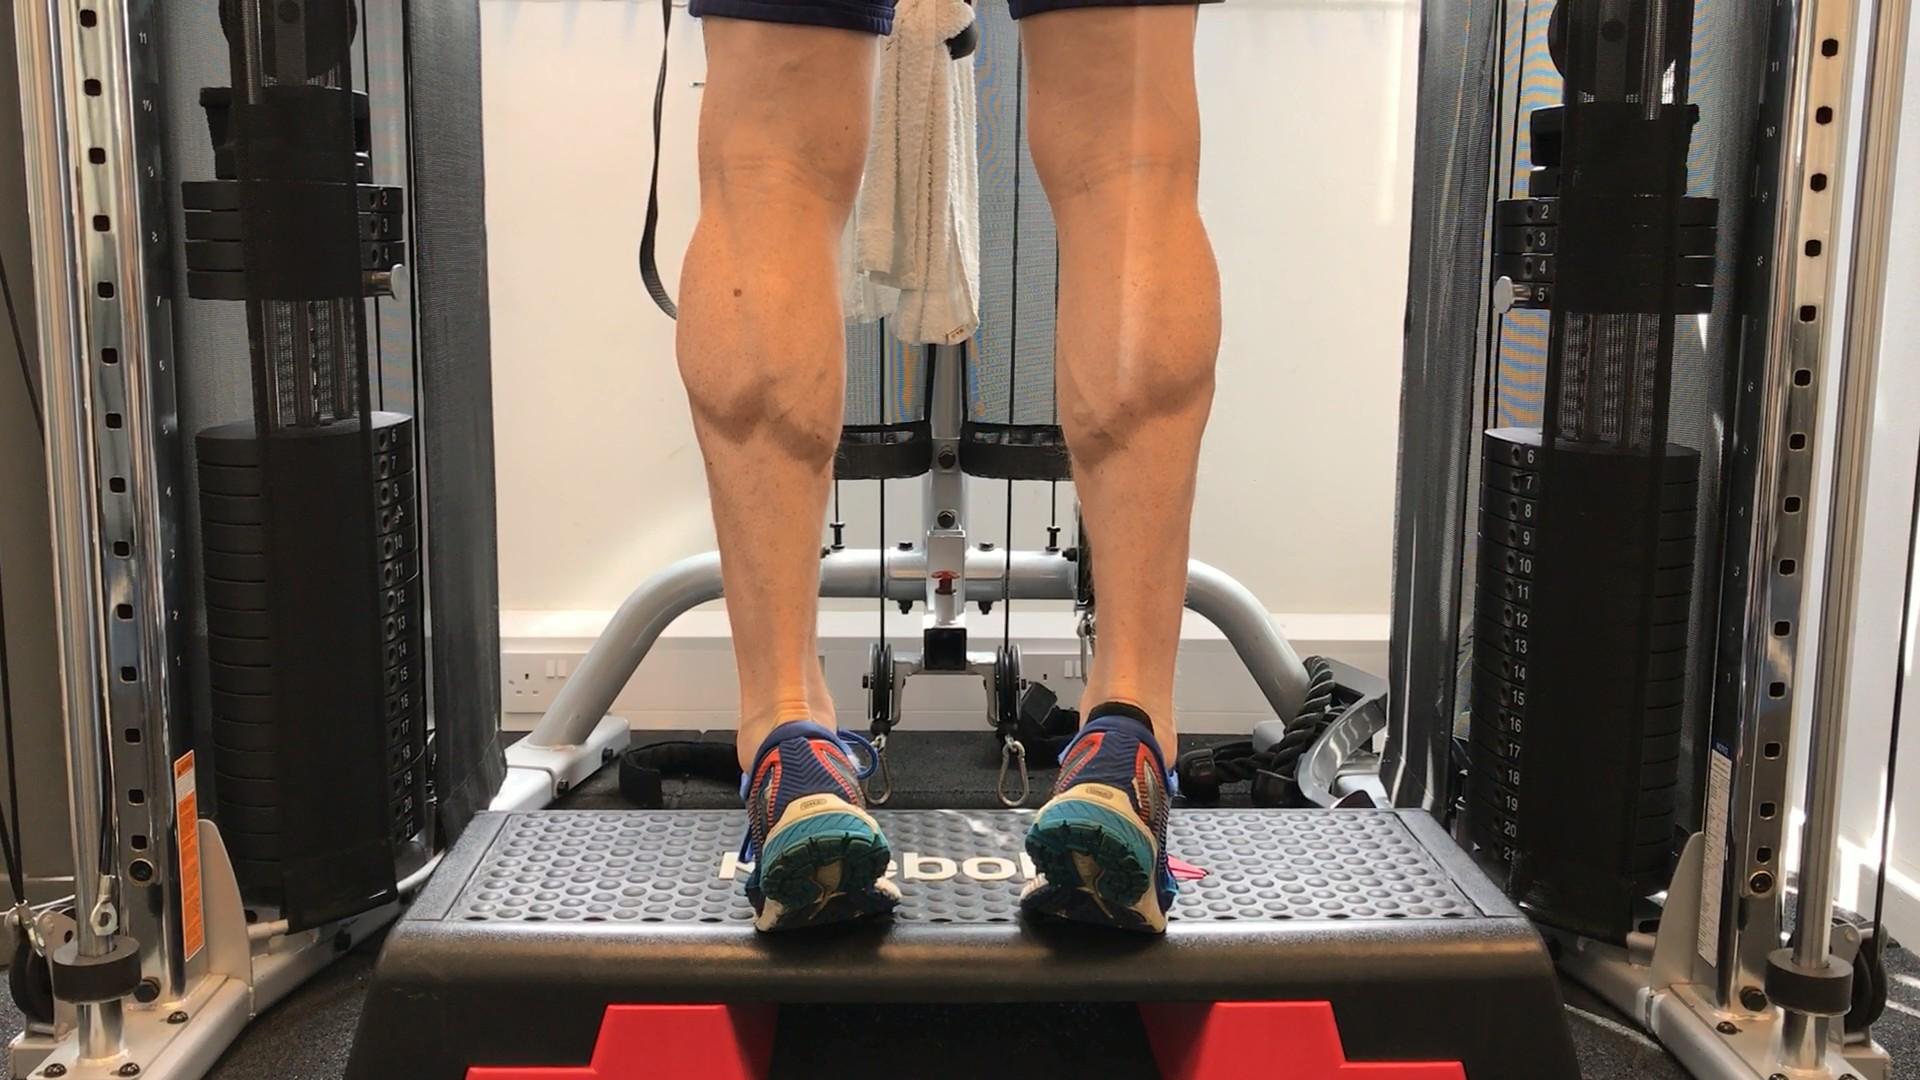 Top 5 best calf exercises- standing heel raises